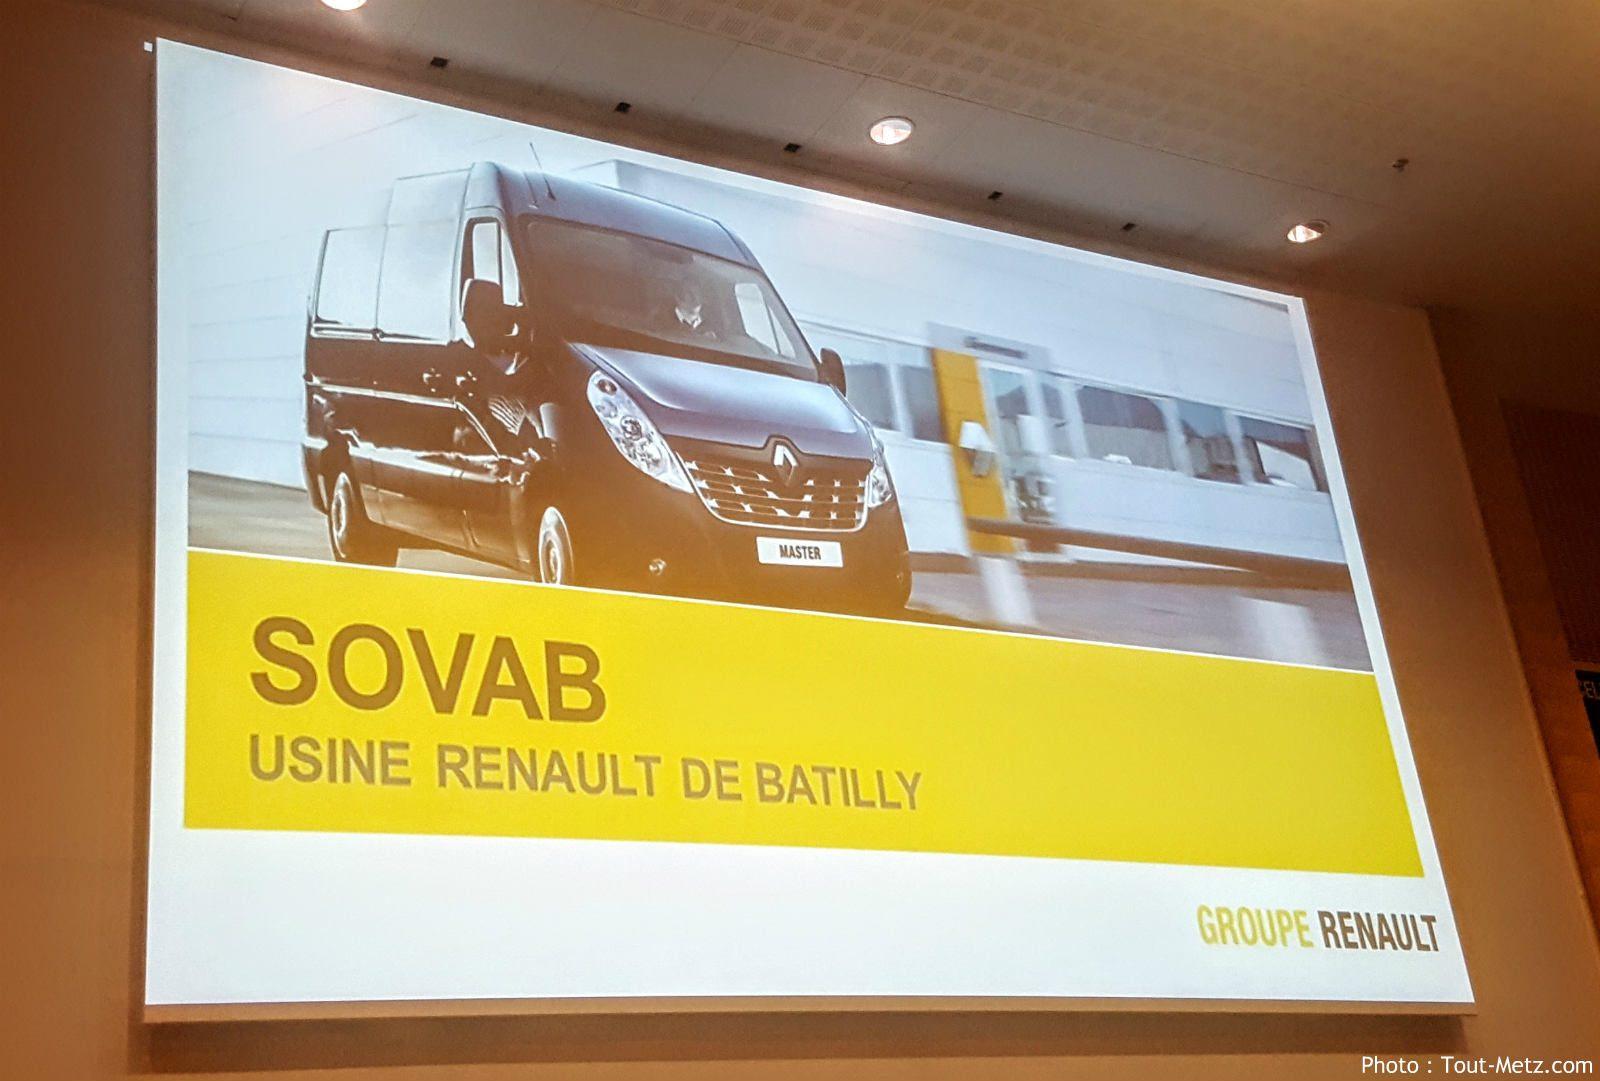 Emploi : la SOVAB recrute 400 personnes, et c'est urgent